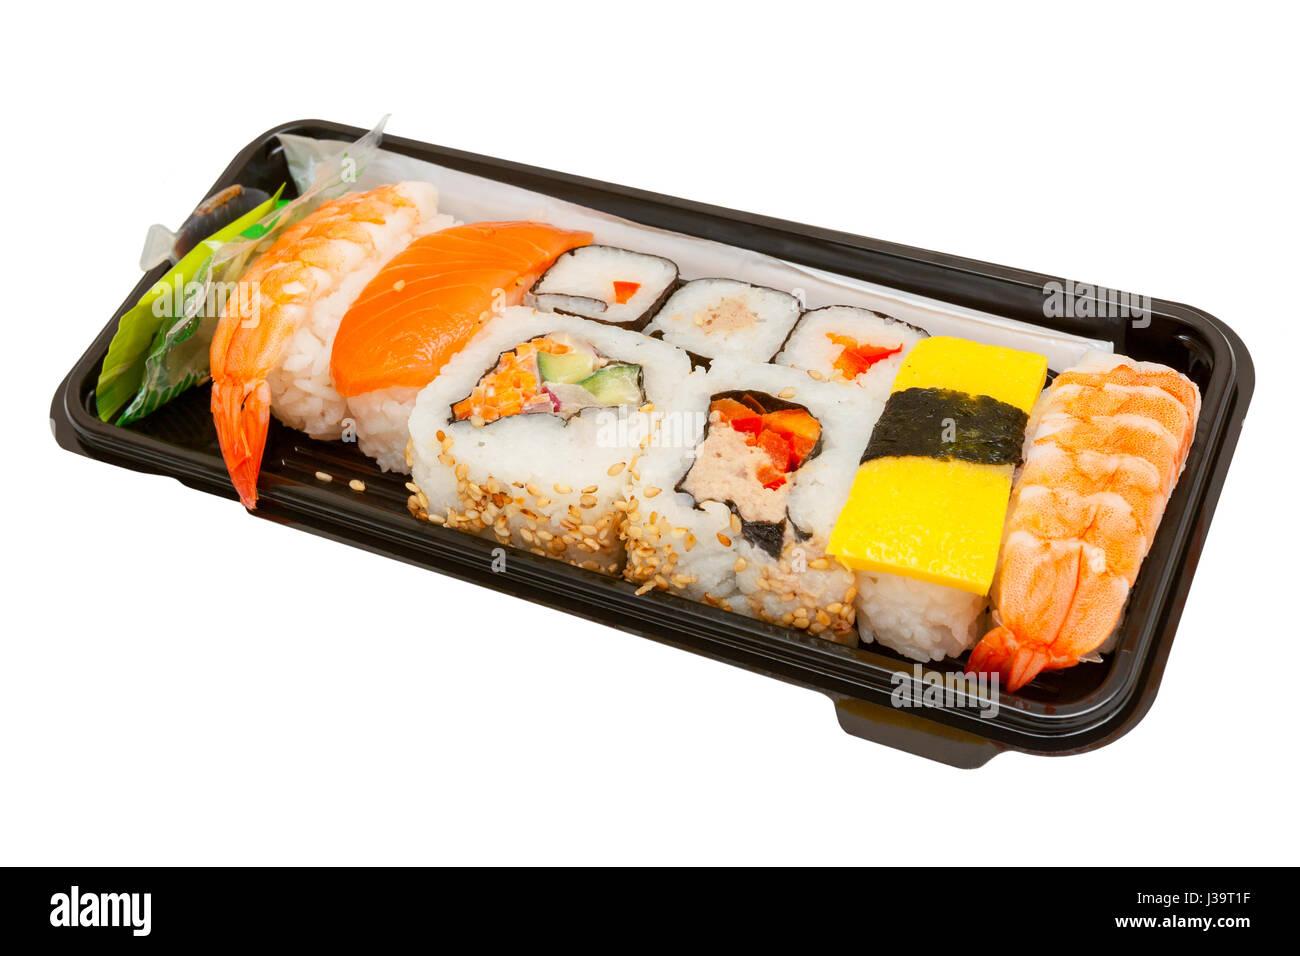 Ensemble d'un assortiment de sushi servi dans une boîte en plastique Banque D'Images